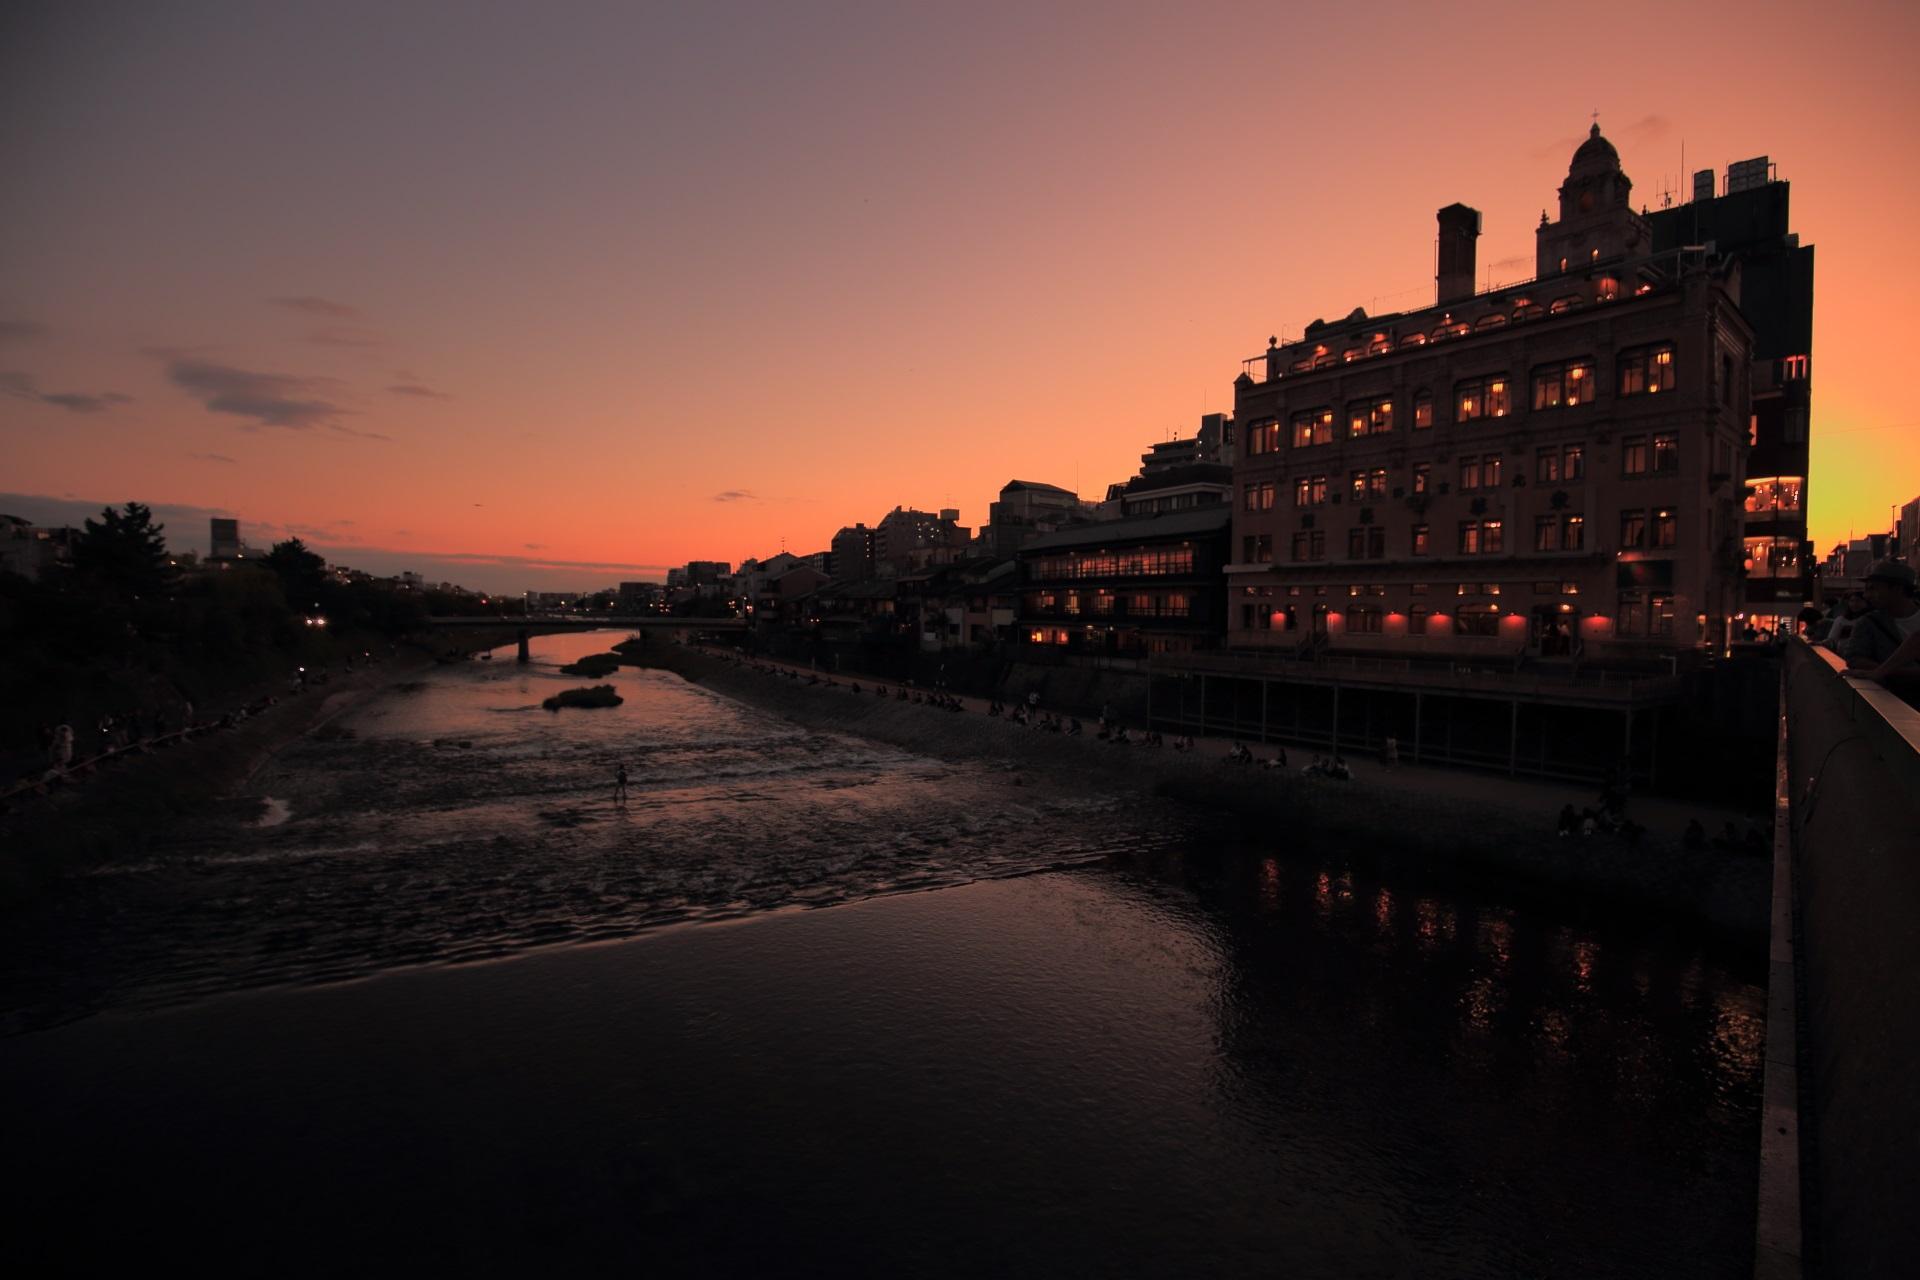 四条大橋から眺めた鴨川と東華菜館の夕焼け